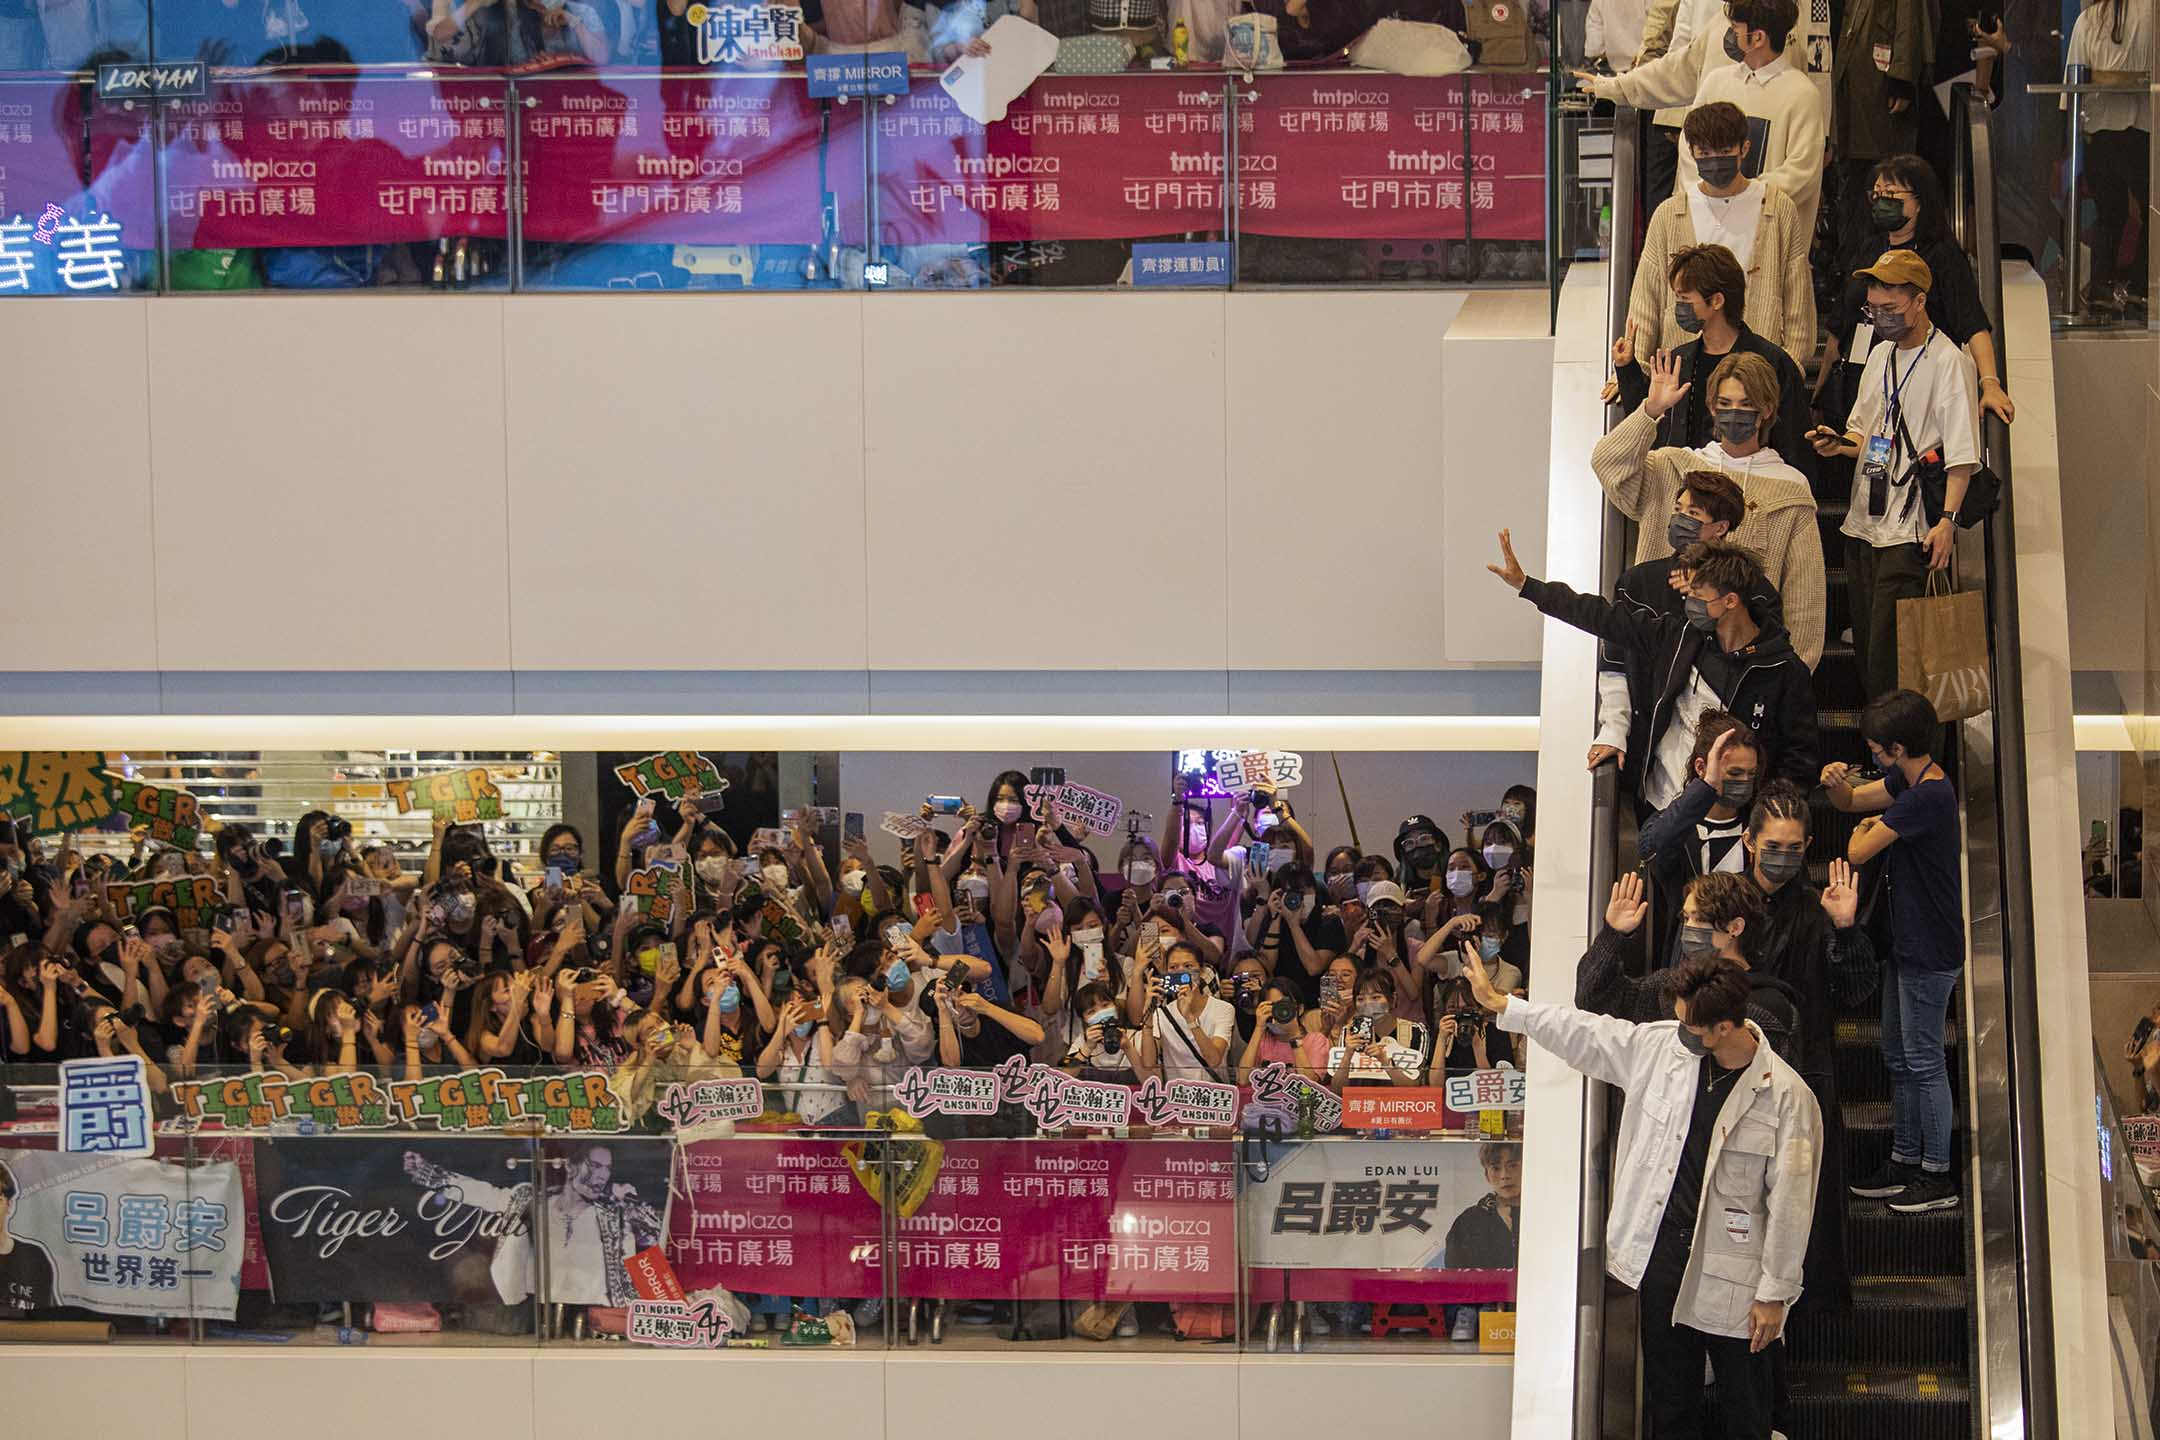 2021年7月23日香港屯門,男子組合Mirror和Error出席商場活動,與粉絲揮手。 攝:陳焯煇/端傳媒